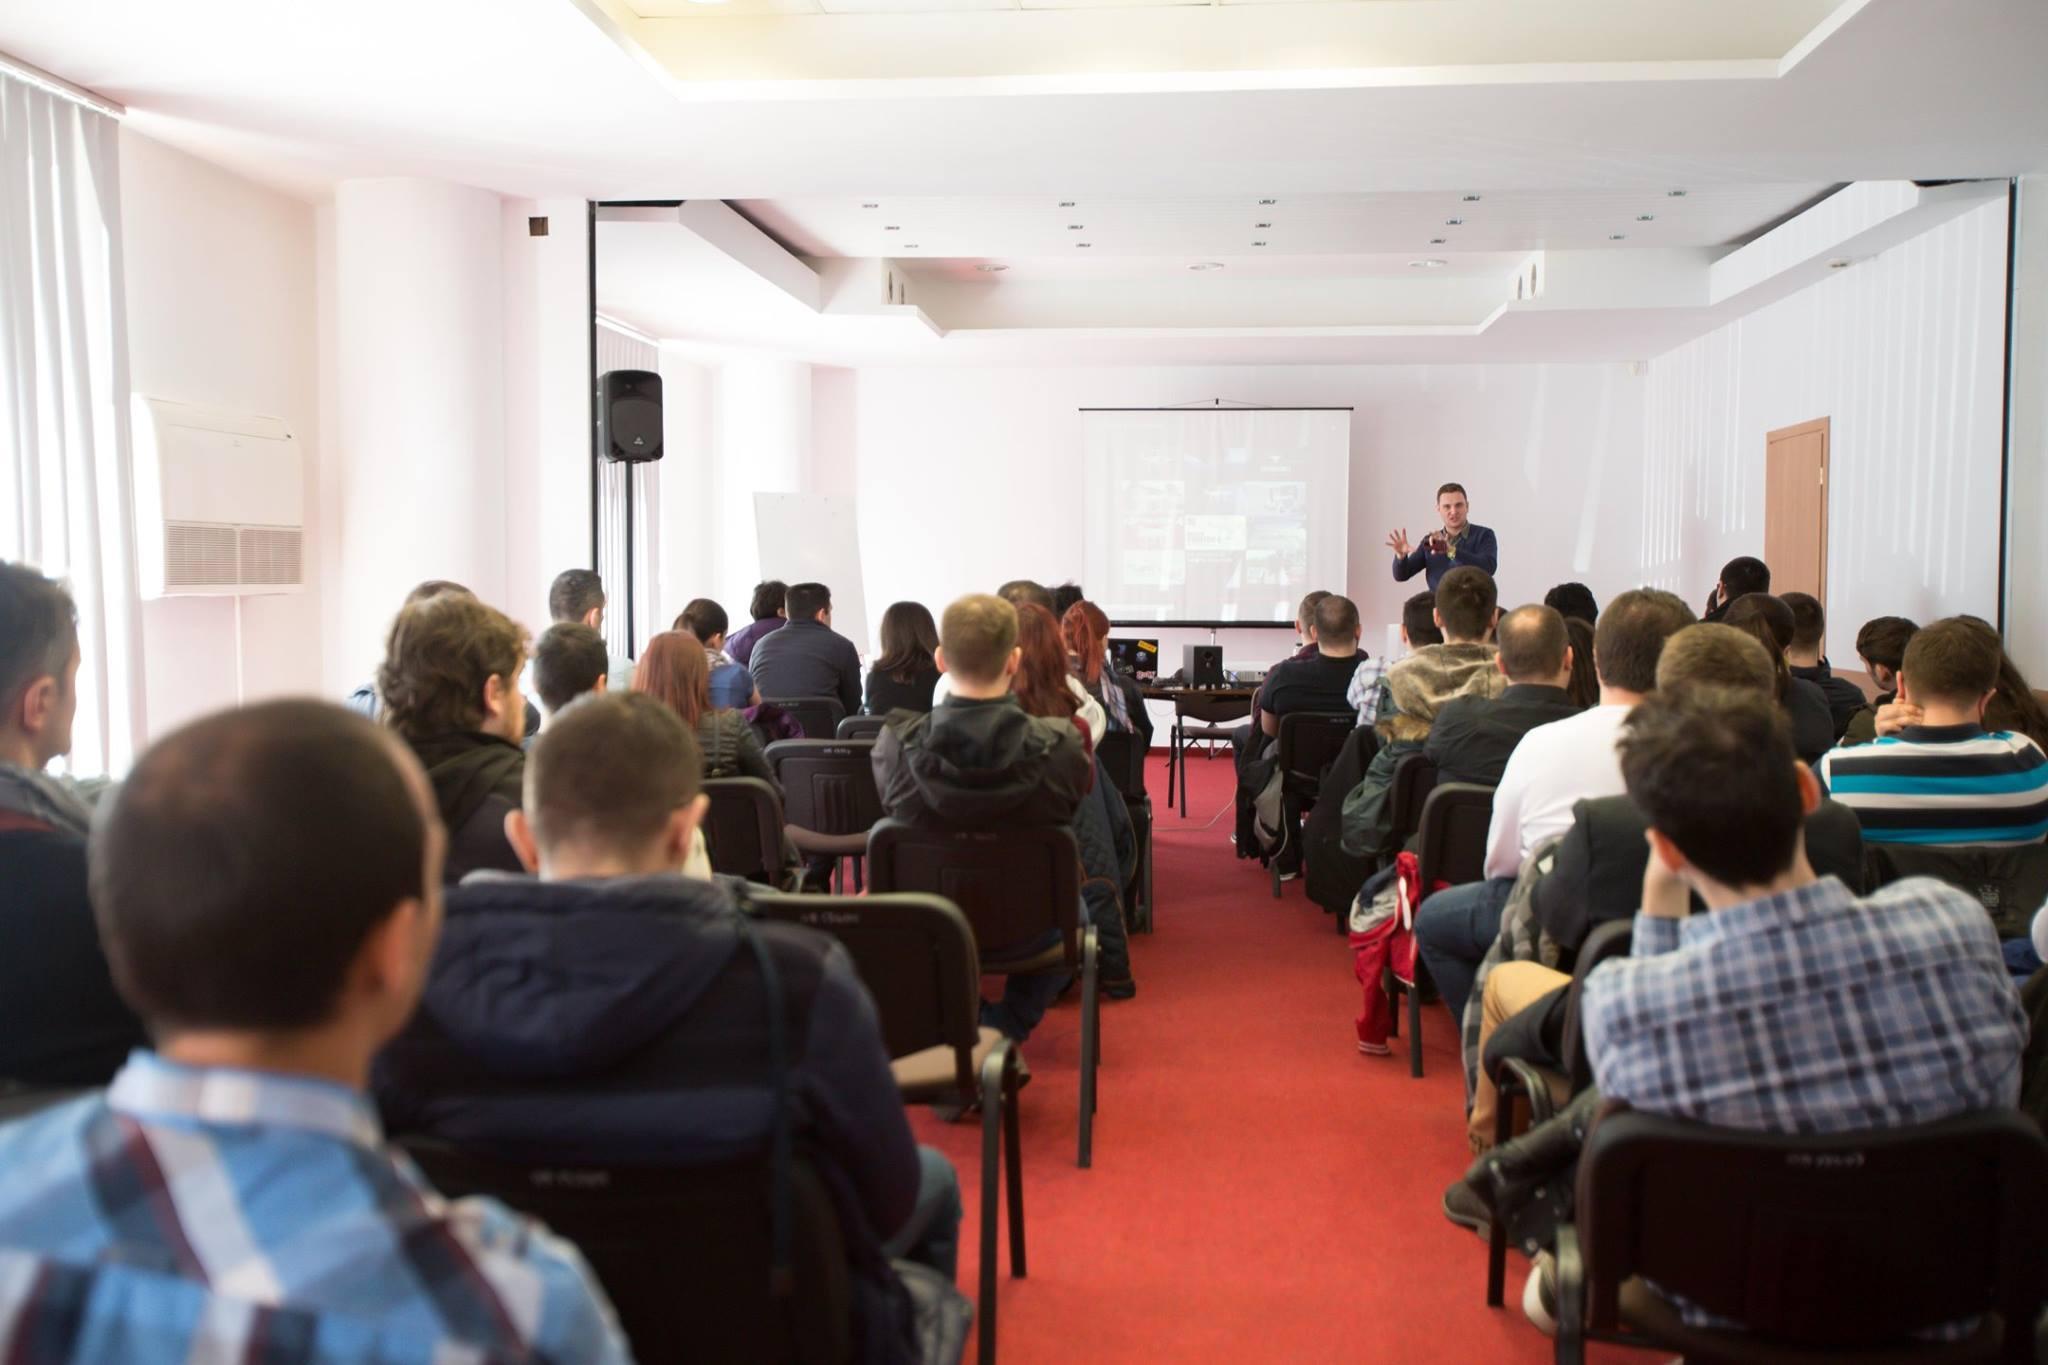 Salarii cuprinse între 300 și 1000 EUR pentru pozițiile deschise la Angajatori de TOP Timișoara